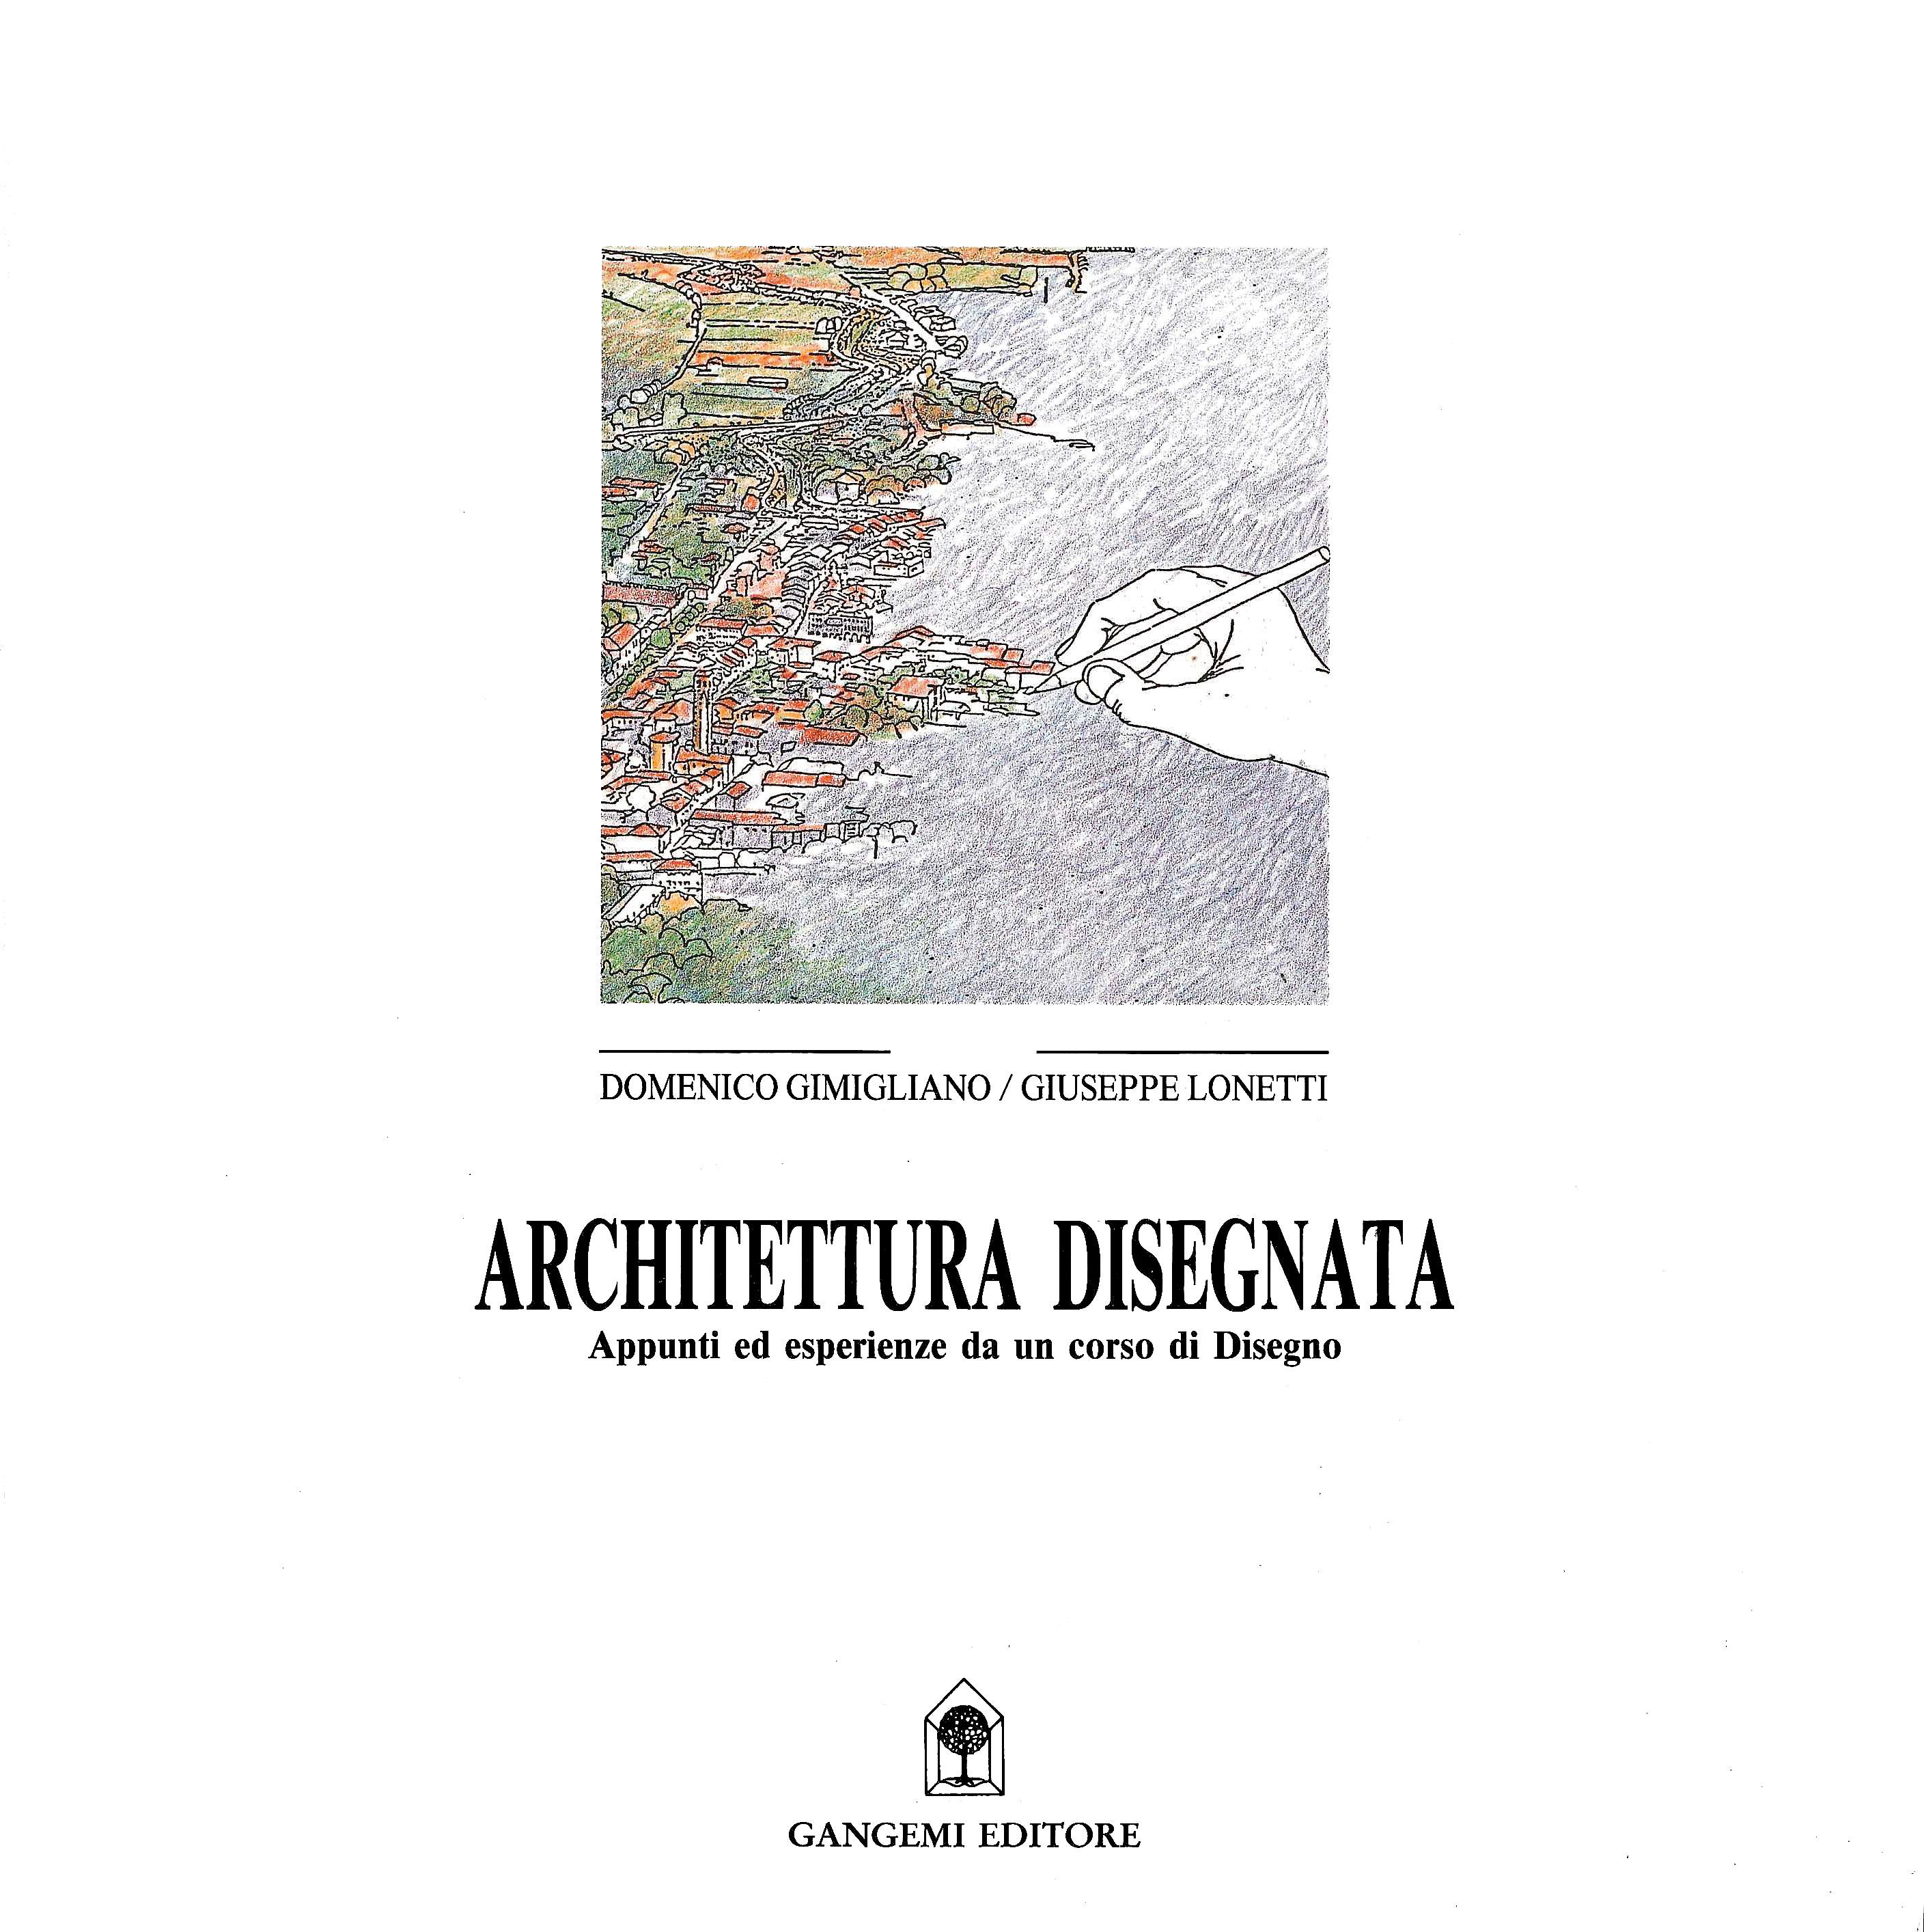 Architettura disegnata for Architettura disegnata